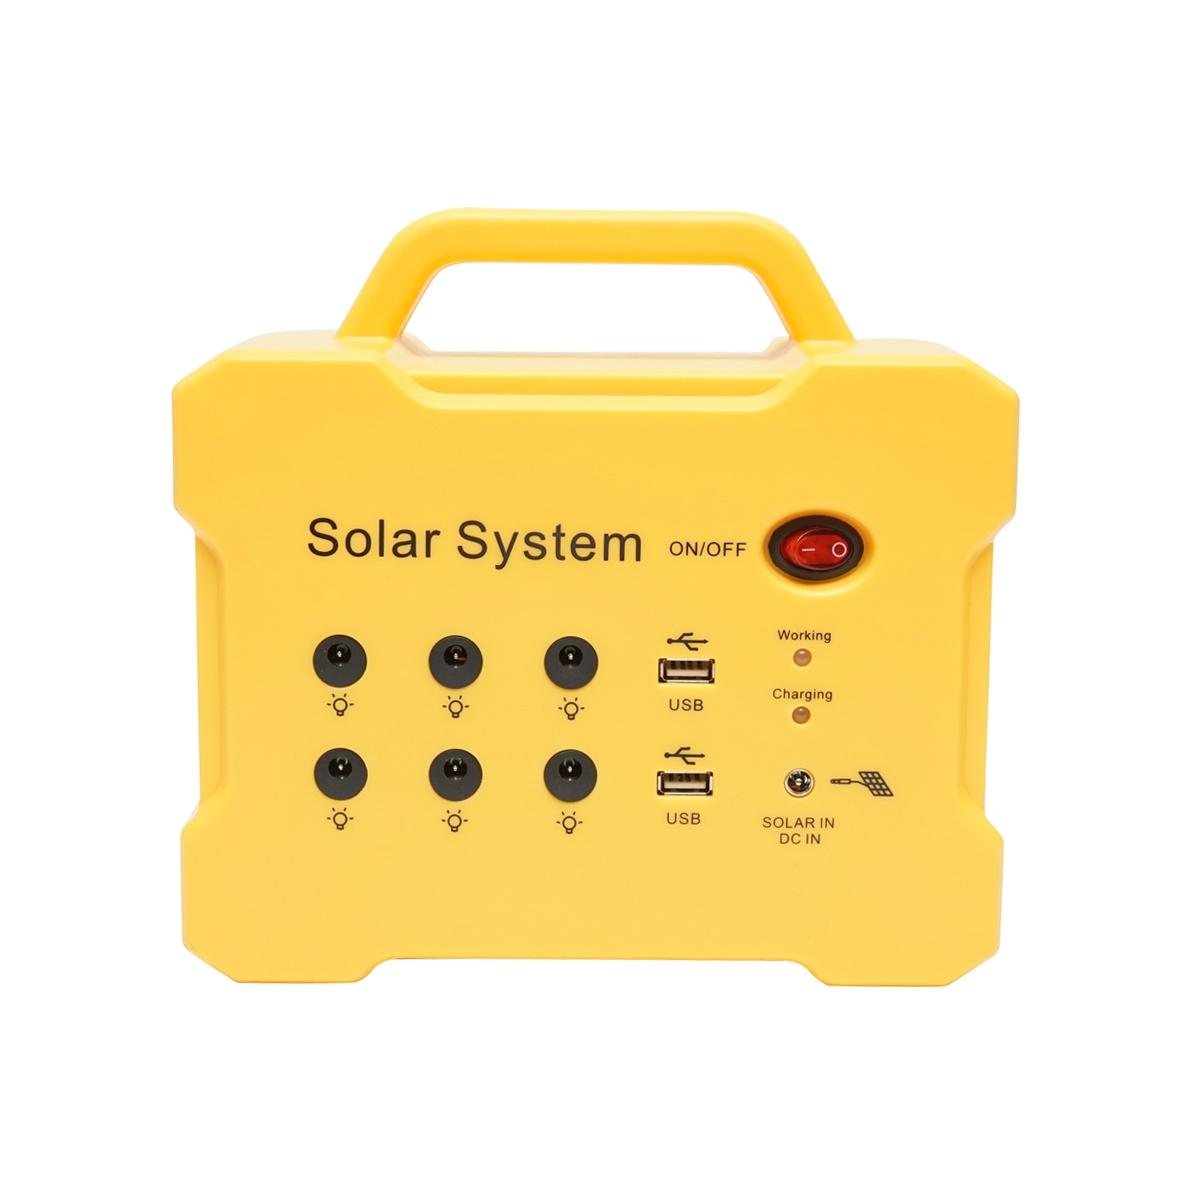 Sistem panou solar cu radio FM /MP3 si 2 becuri 12V/3W Breckner Germany